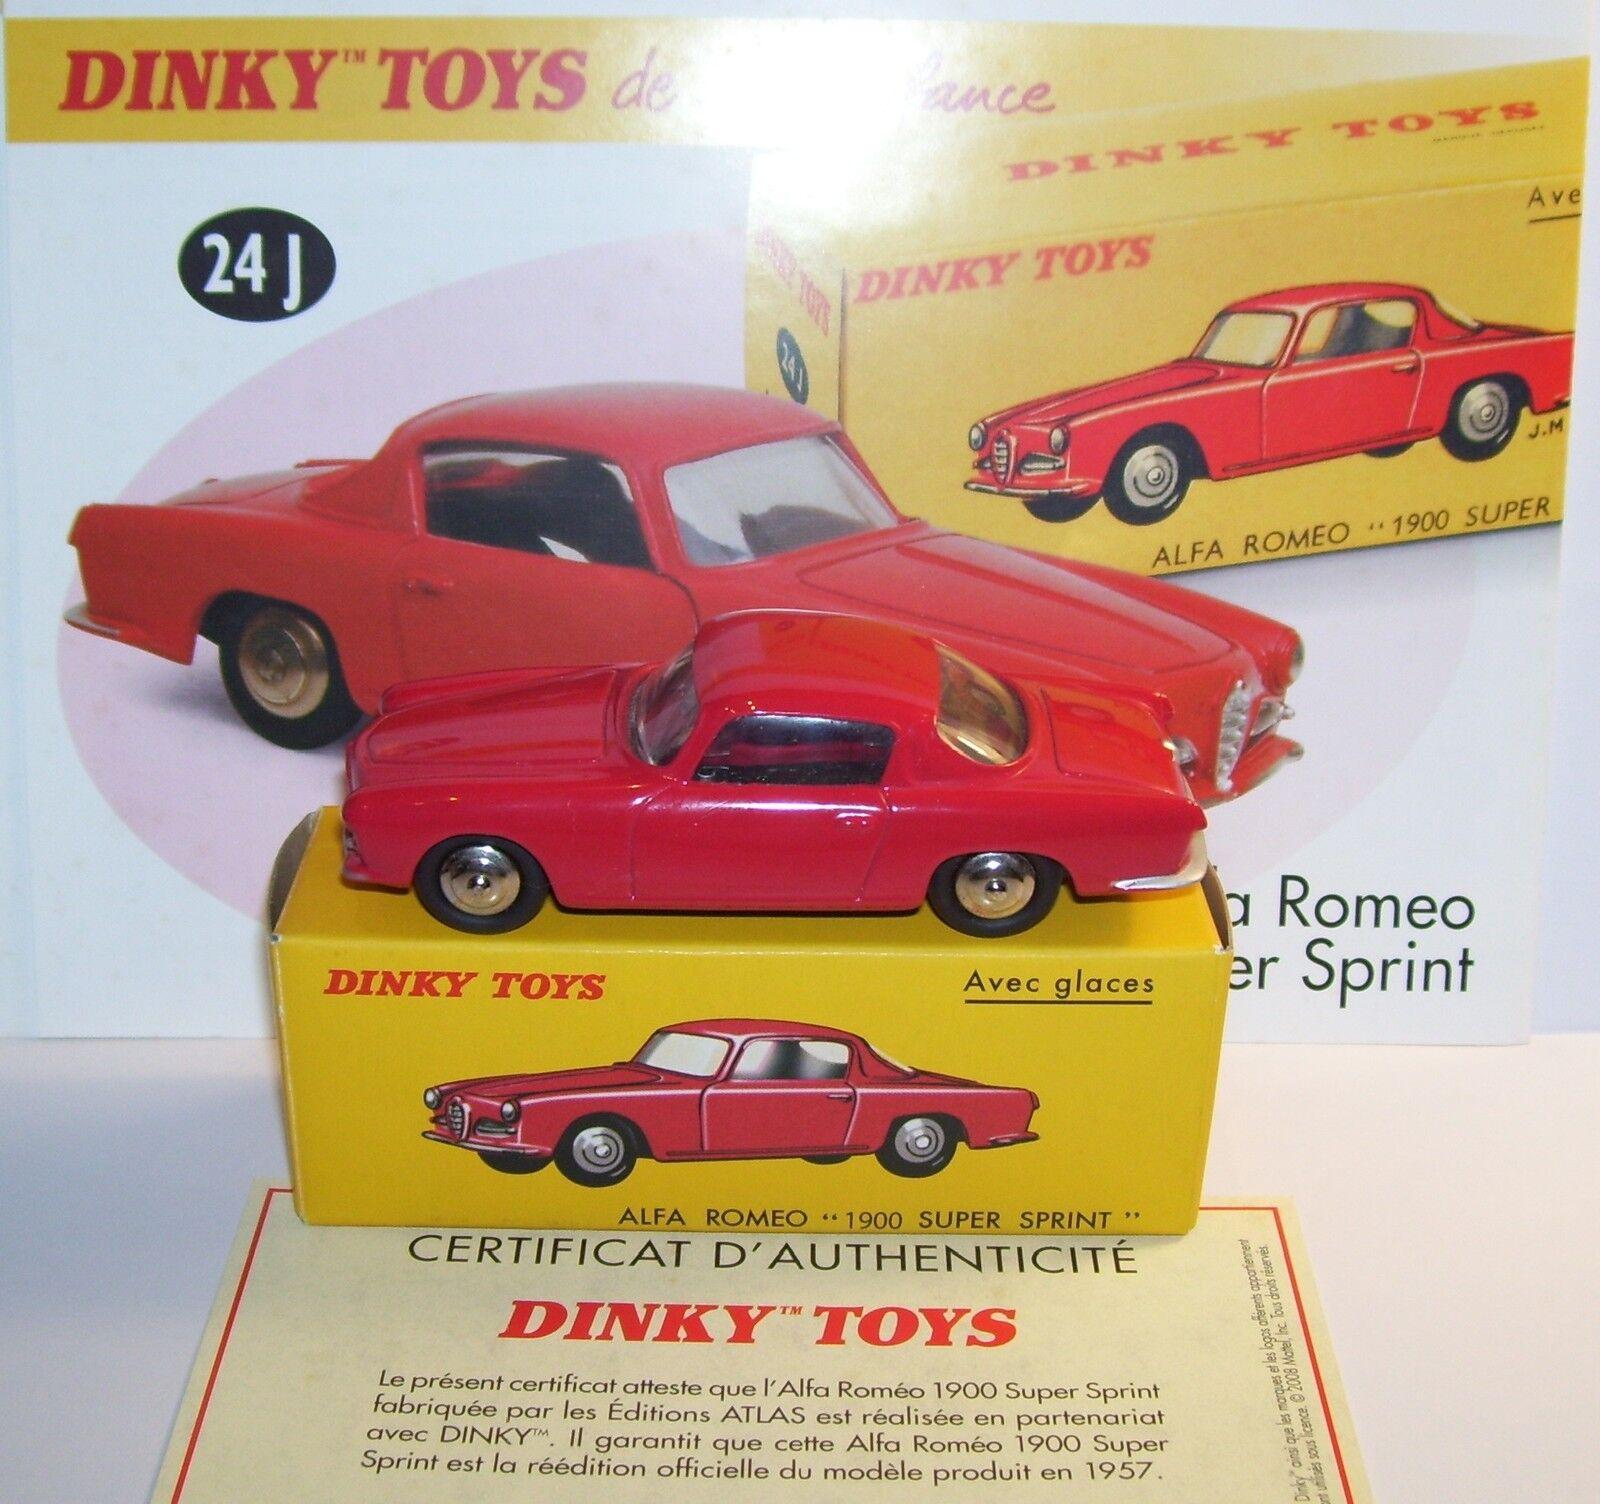 DINKY TOYS ATLAS ALFA ROMEO 1900 SUPER SPRINT RED REF 24J IN BOX 1 43